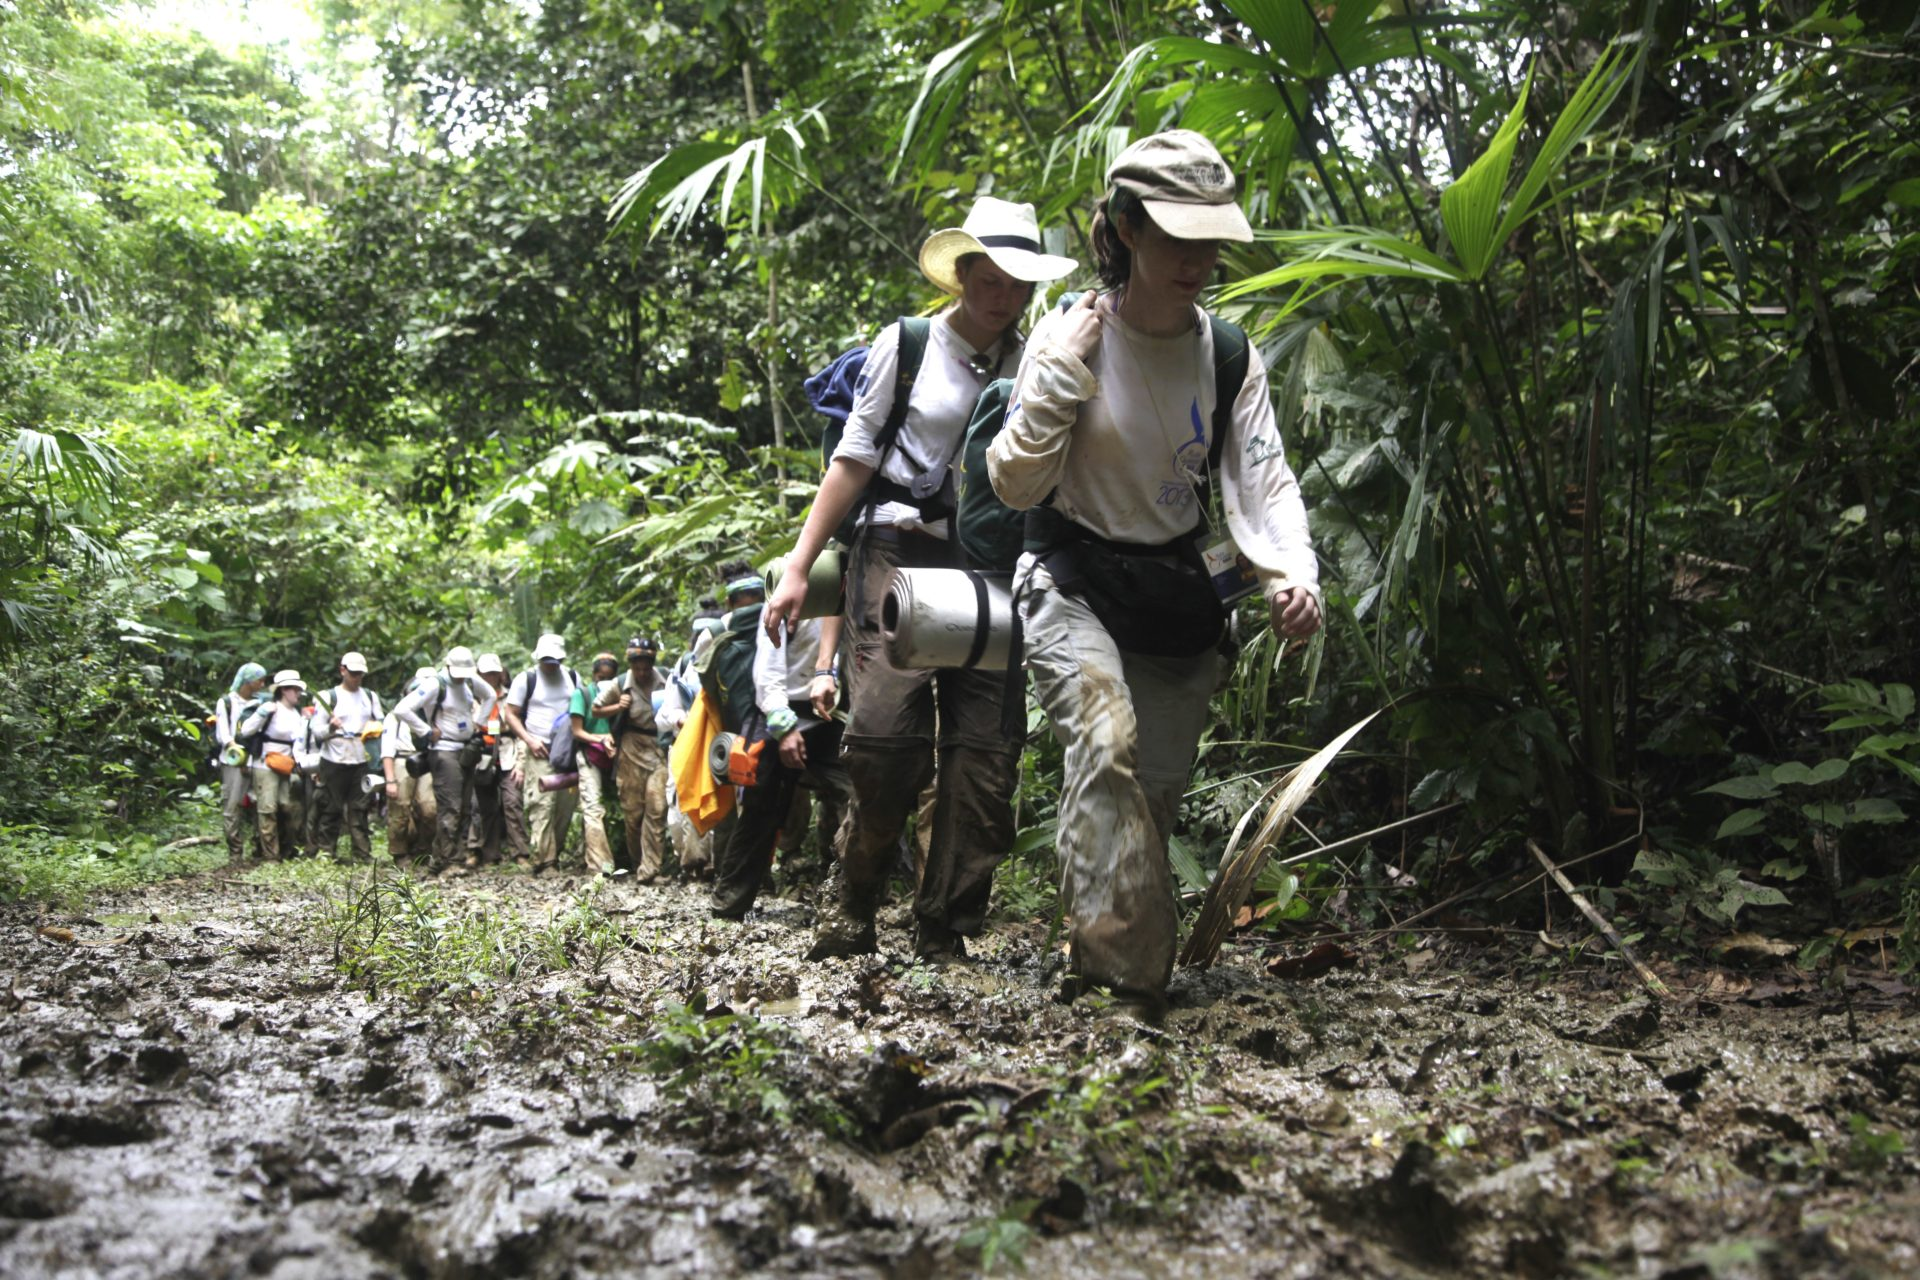 Fotografía: Ruta Quetzal BBVA 2013 atravesando la selva del Darién (Panamá)